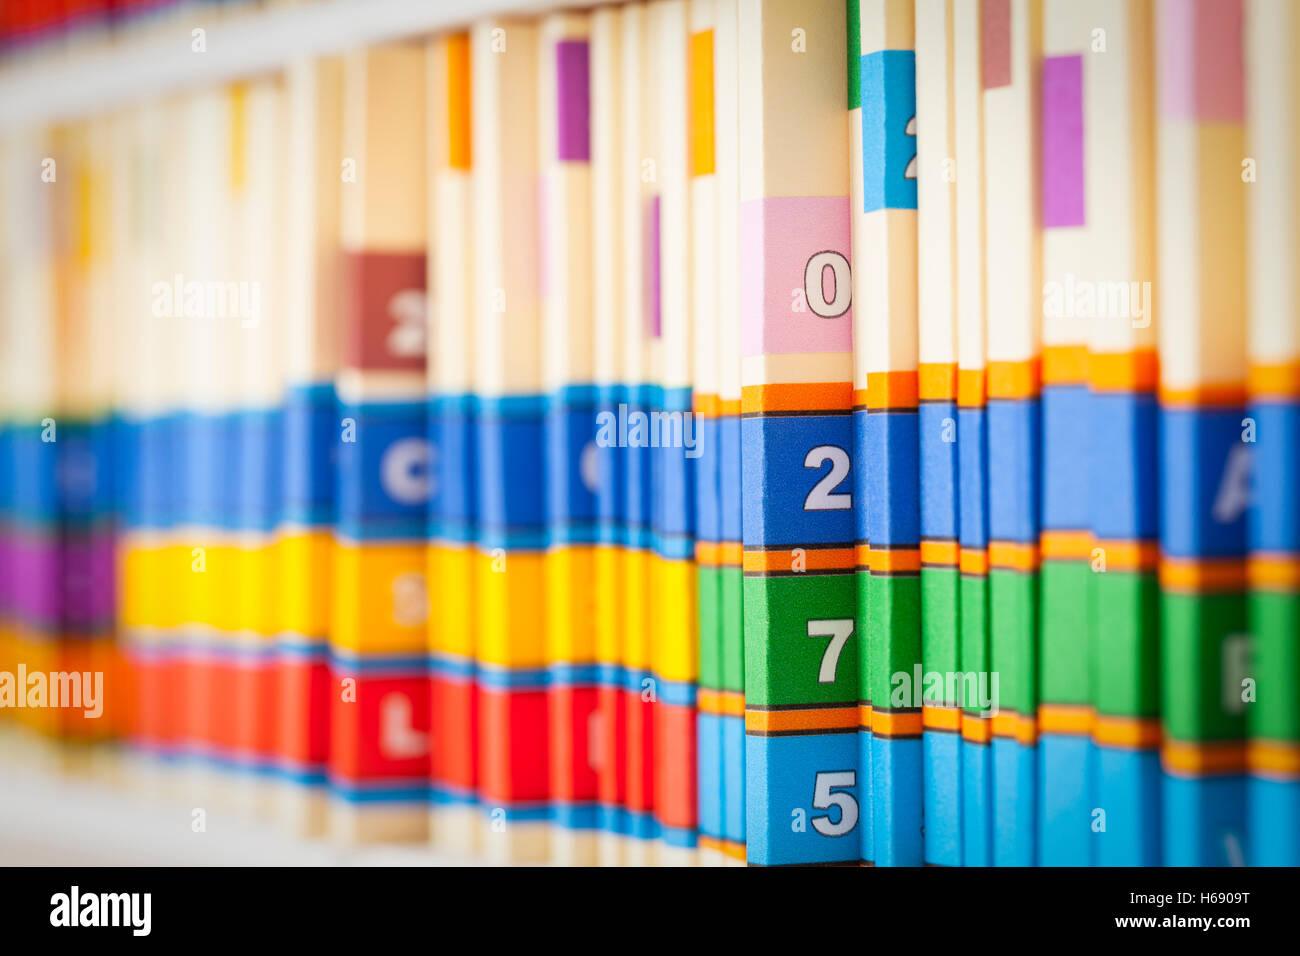 Archivos médicos en estantes en Entorno de oficina. Imagen De Stock